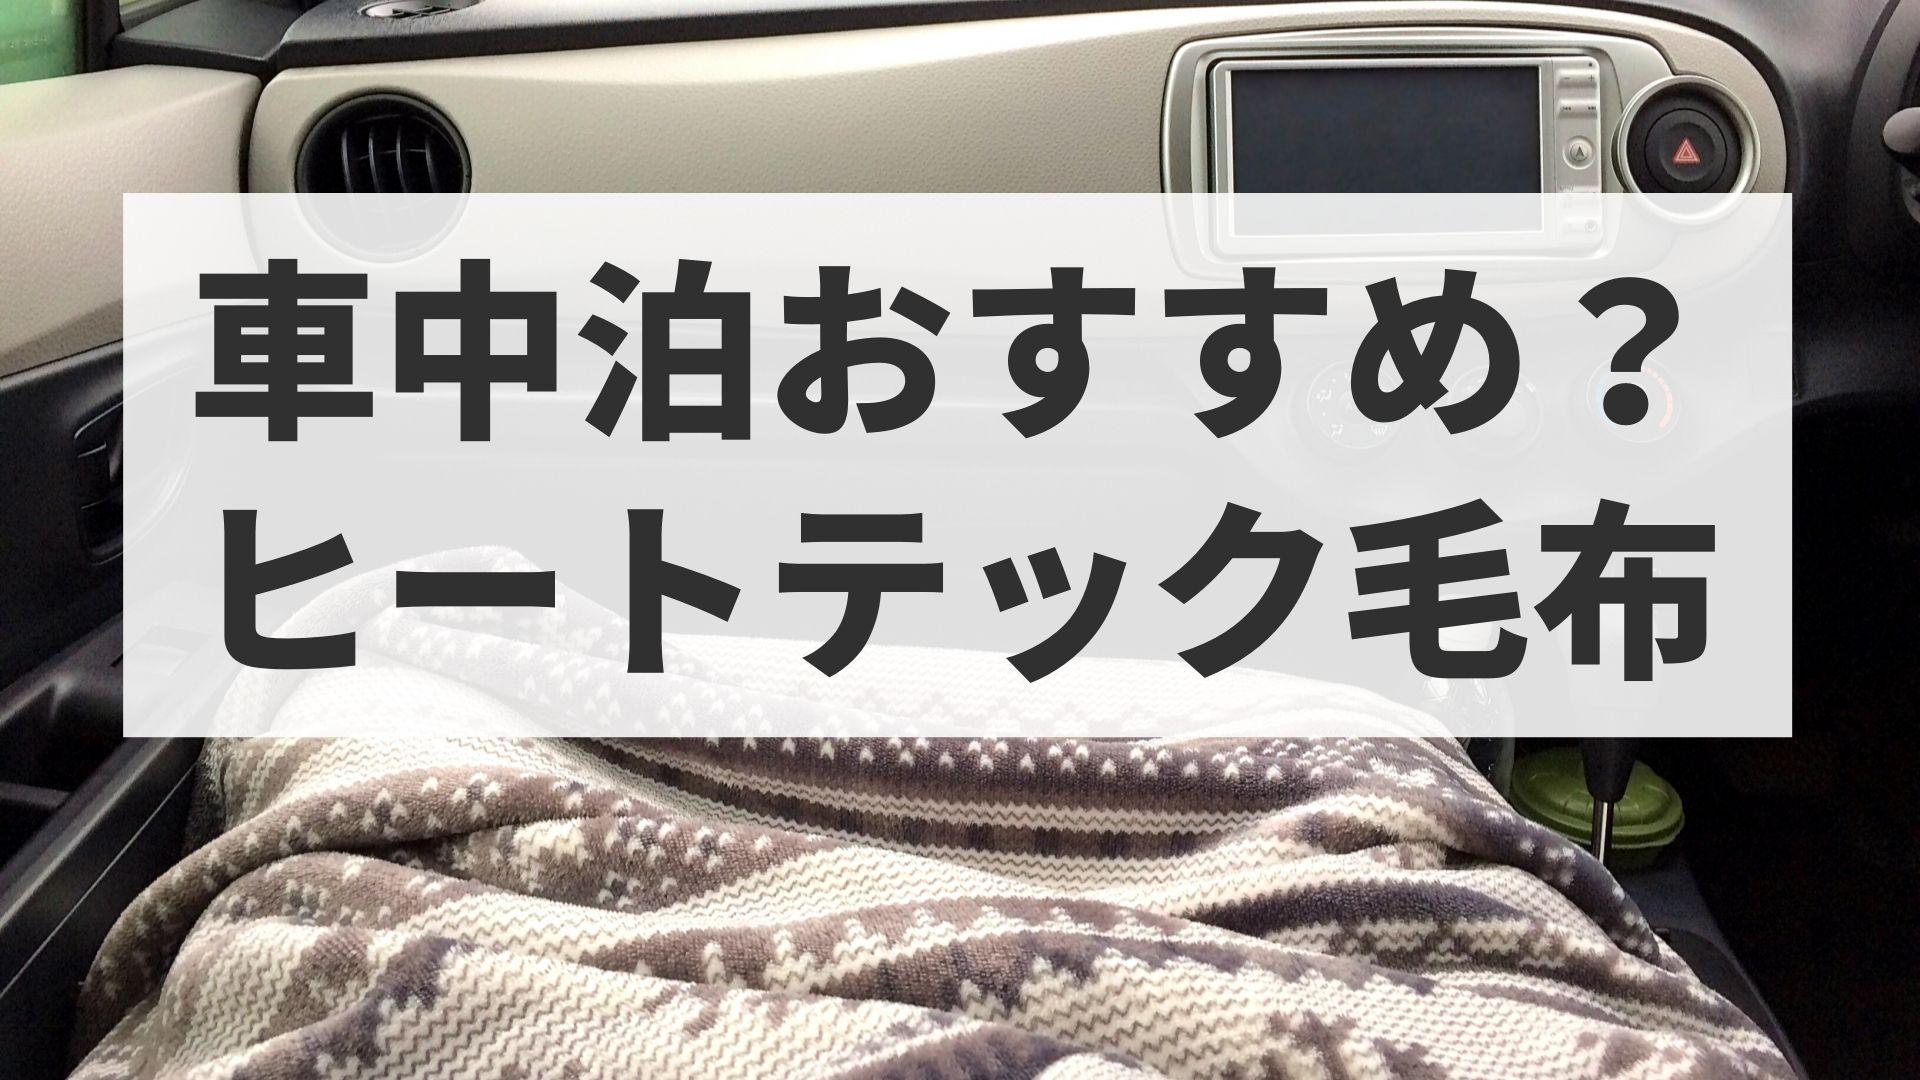 d650afa7b10a5239c2b1a7760de87b3a - 【今年も注目】ユニクロの最新ヒートテック毛布が暖かいと口コミで人気!ニトリのNウォームモイストと比較してみた